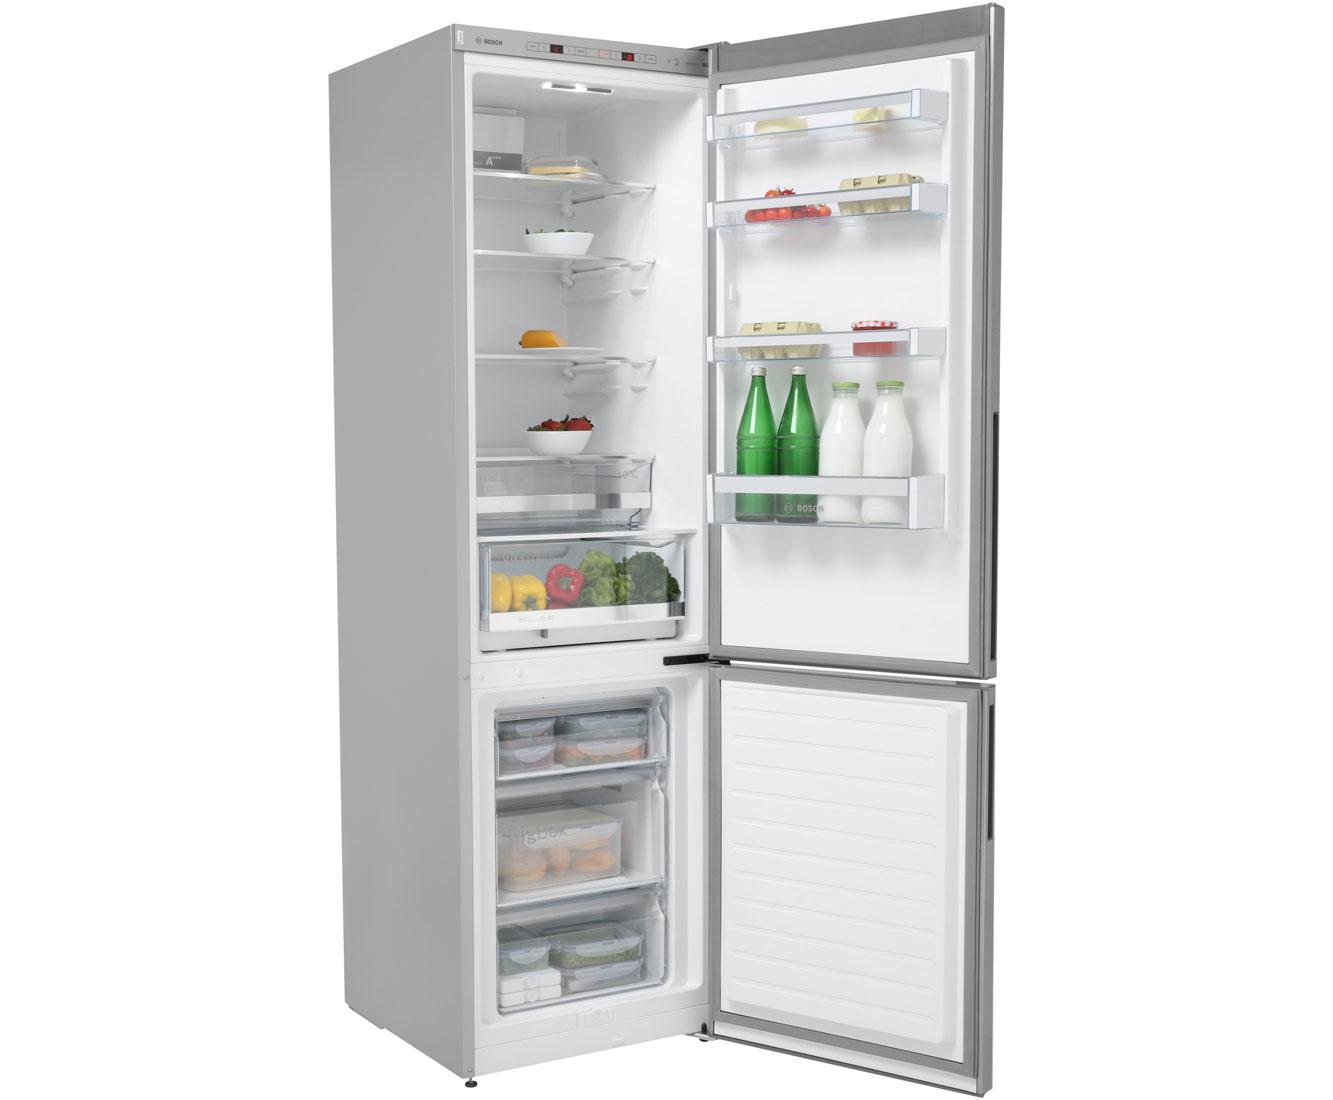 Bosch Kühlschrank Kgn 39 Xi 45 : Bosch kge392l4d kühl gefrierkombination 60er breite edelstahl